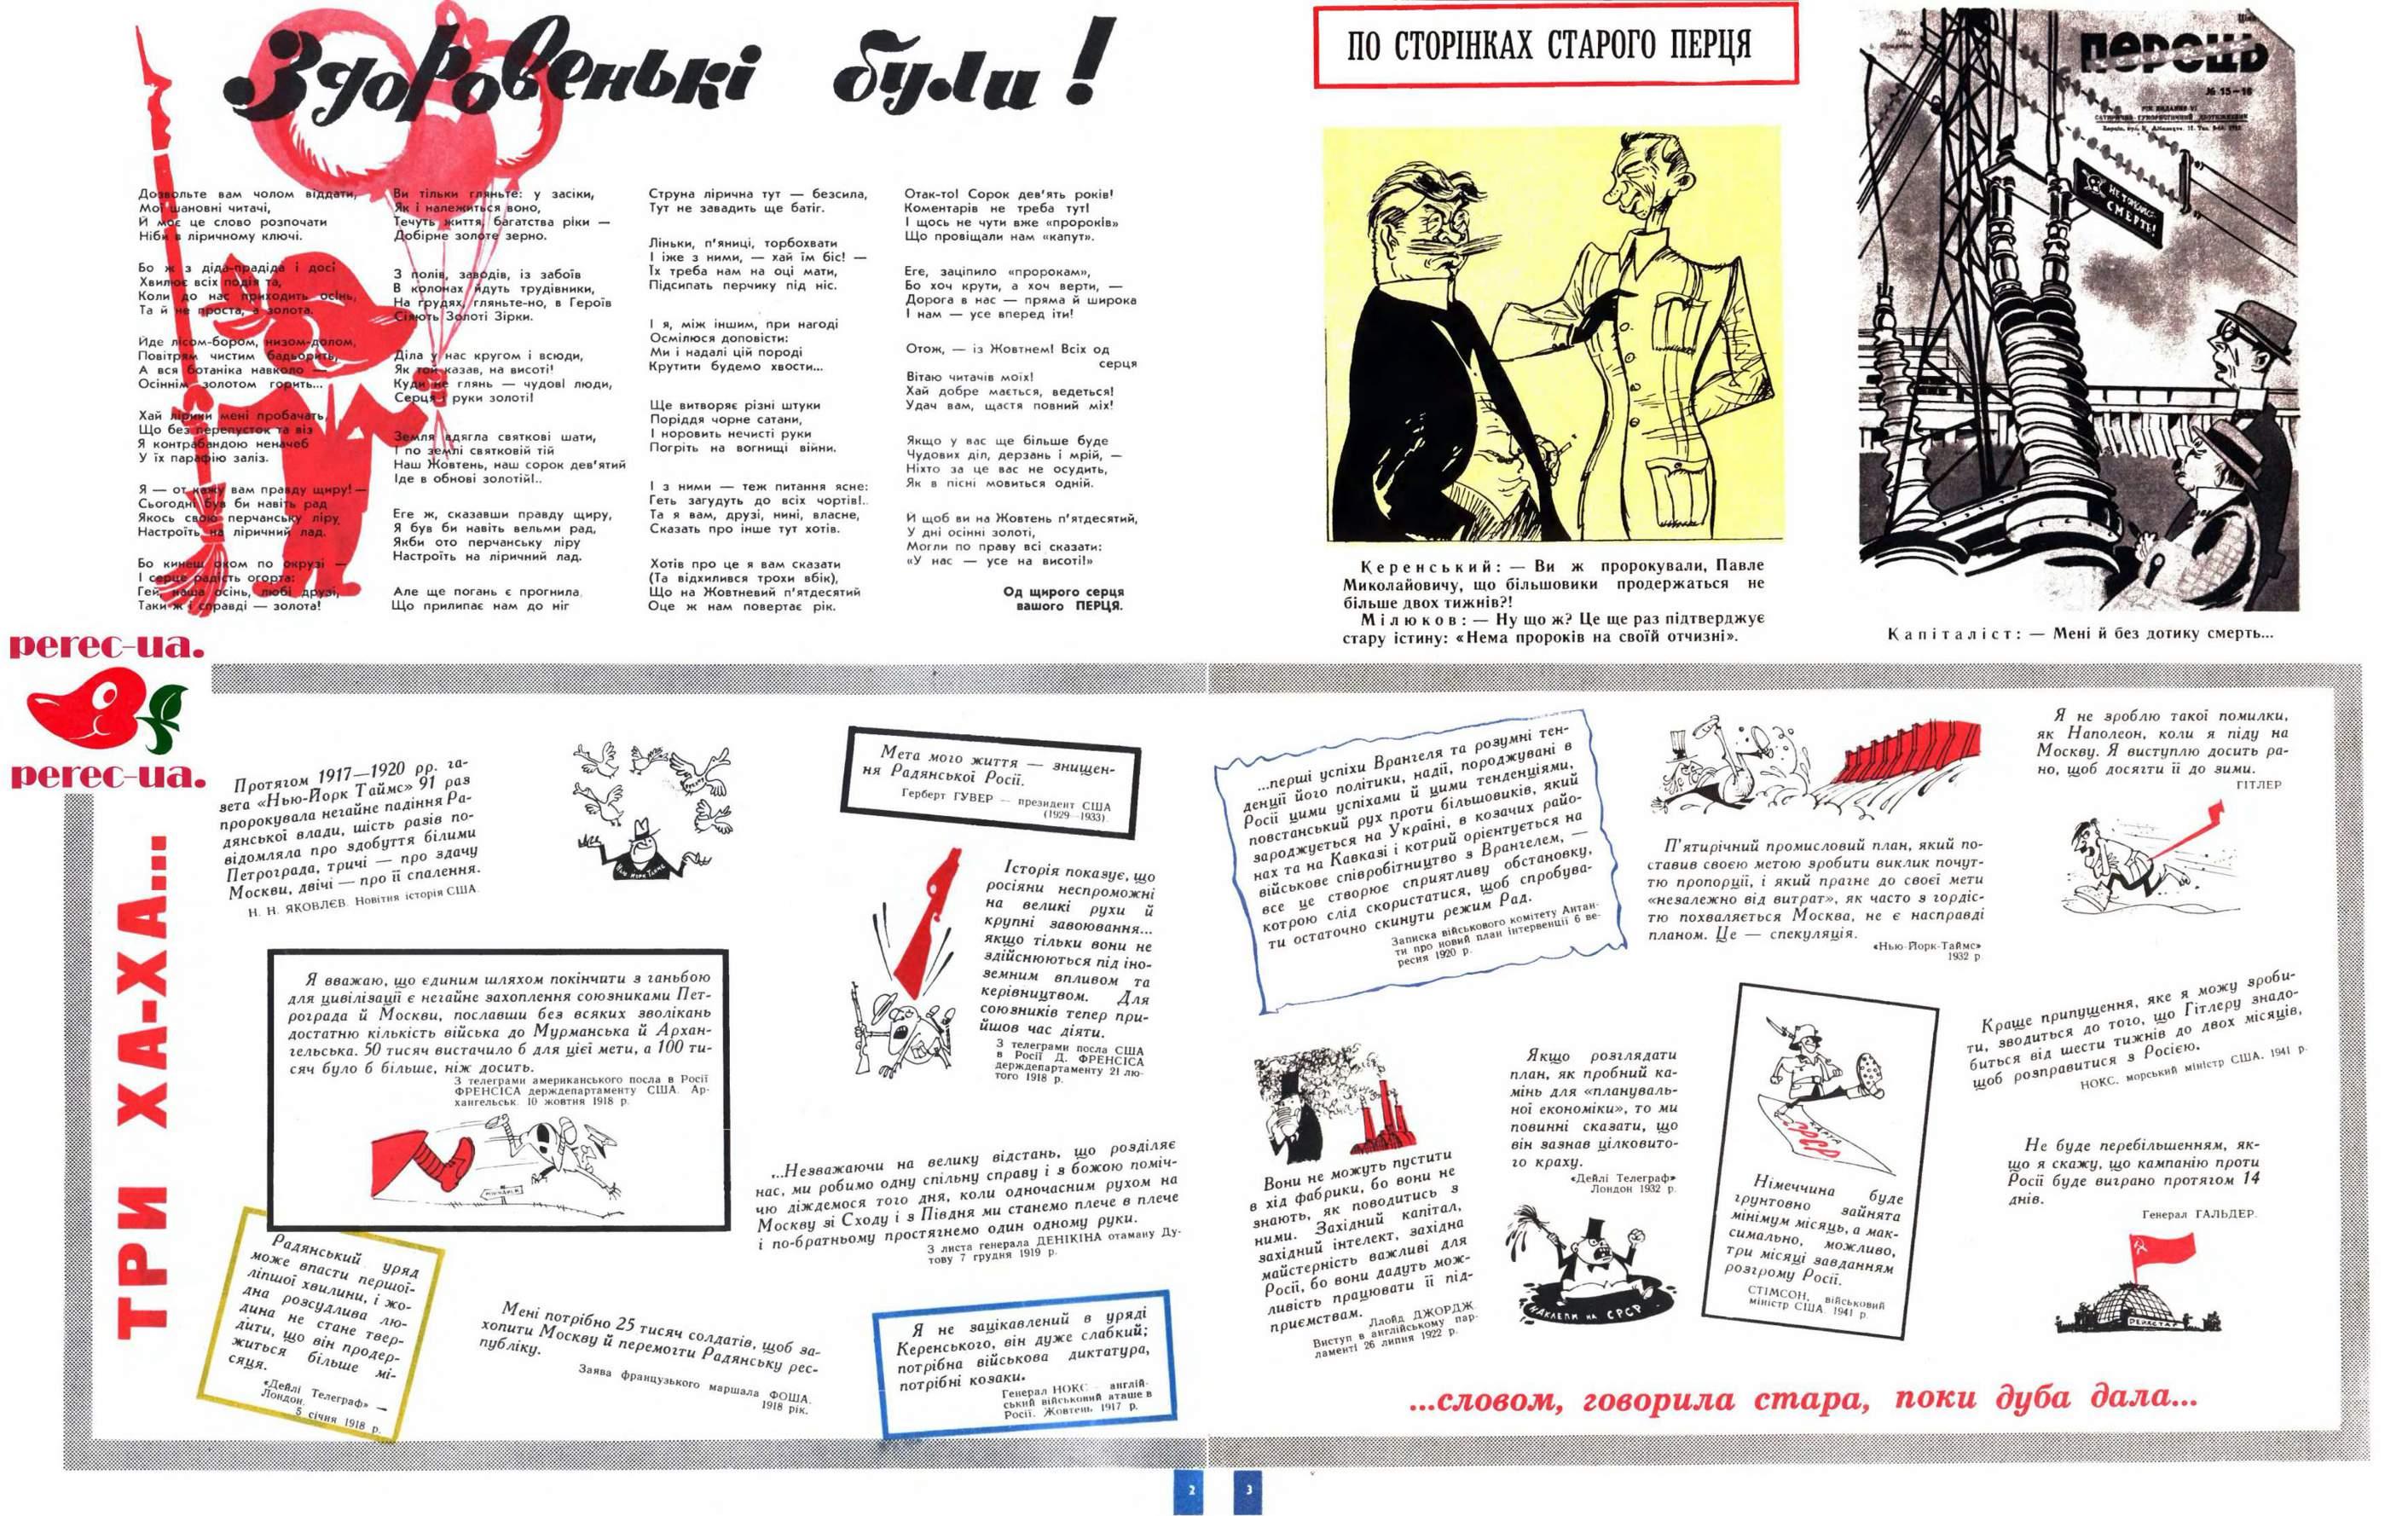 Журнал перець 1966 №20